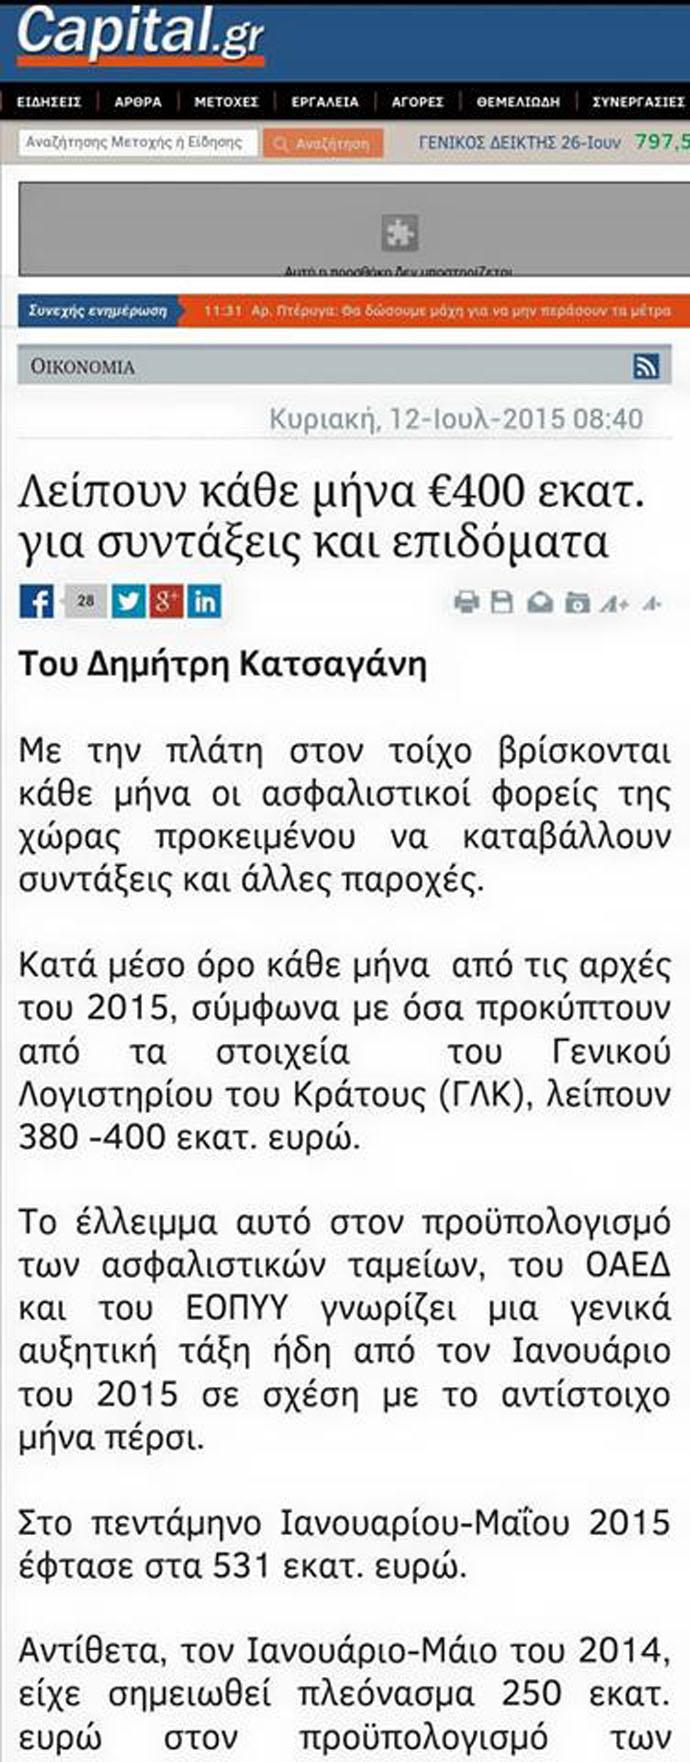 Ἡ ἀπελευθέρωσίς μας περνᾶ ἀπὸ ΜΙΑΝ μόνον ΥΠΟΧΡΕΩΤΙΚΗ διαδρομή!!!